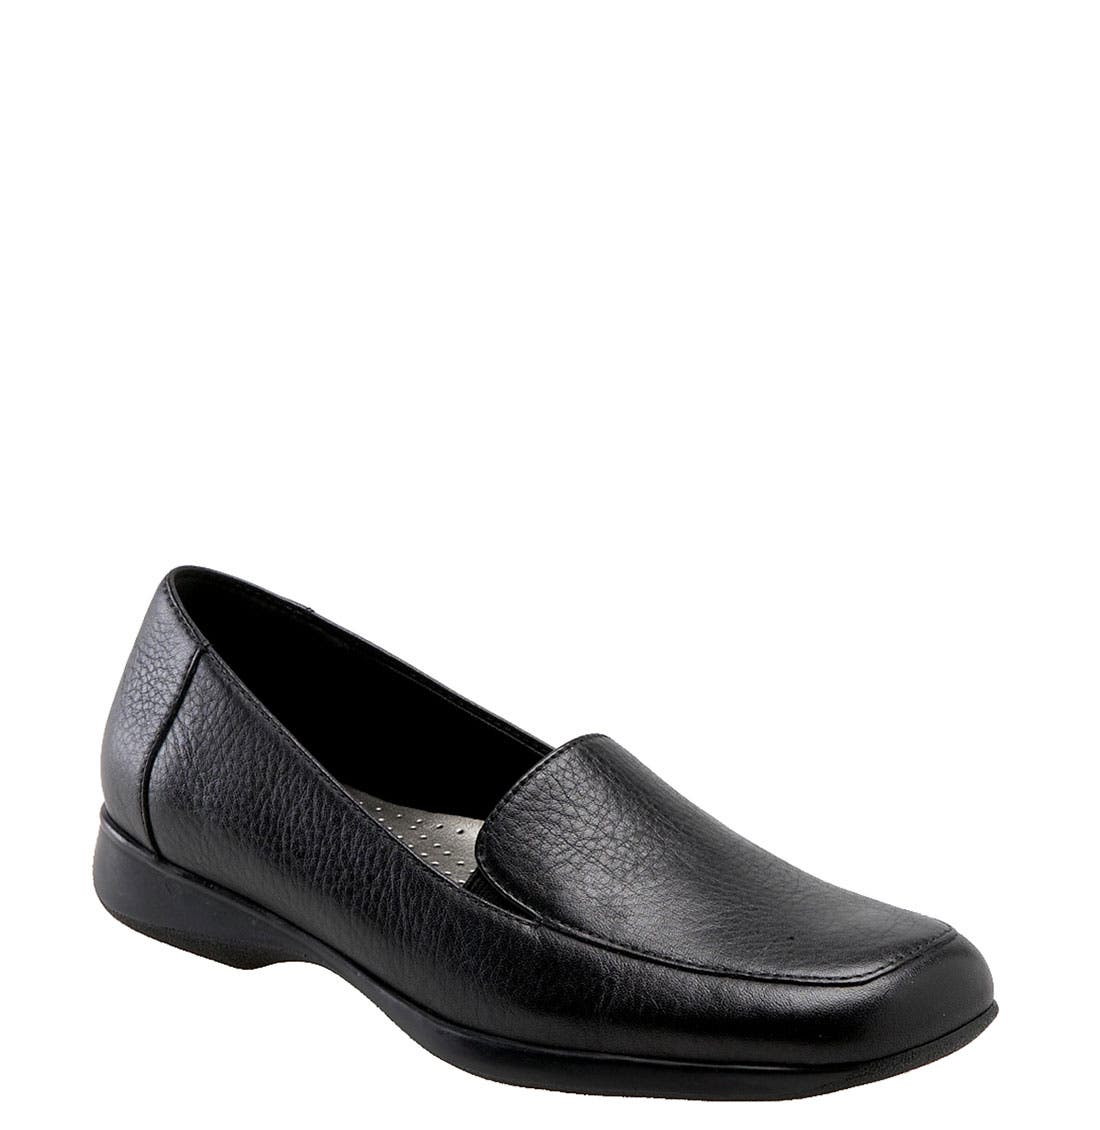 'Jenn' Loafer,                             Main thumbnail 1, color,                             Black Soft Tumbled Leather